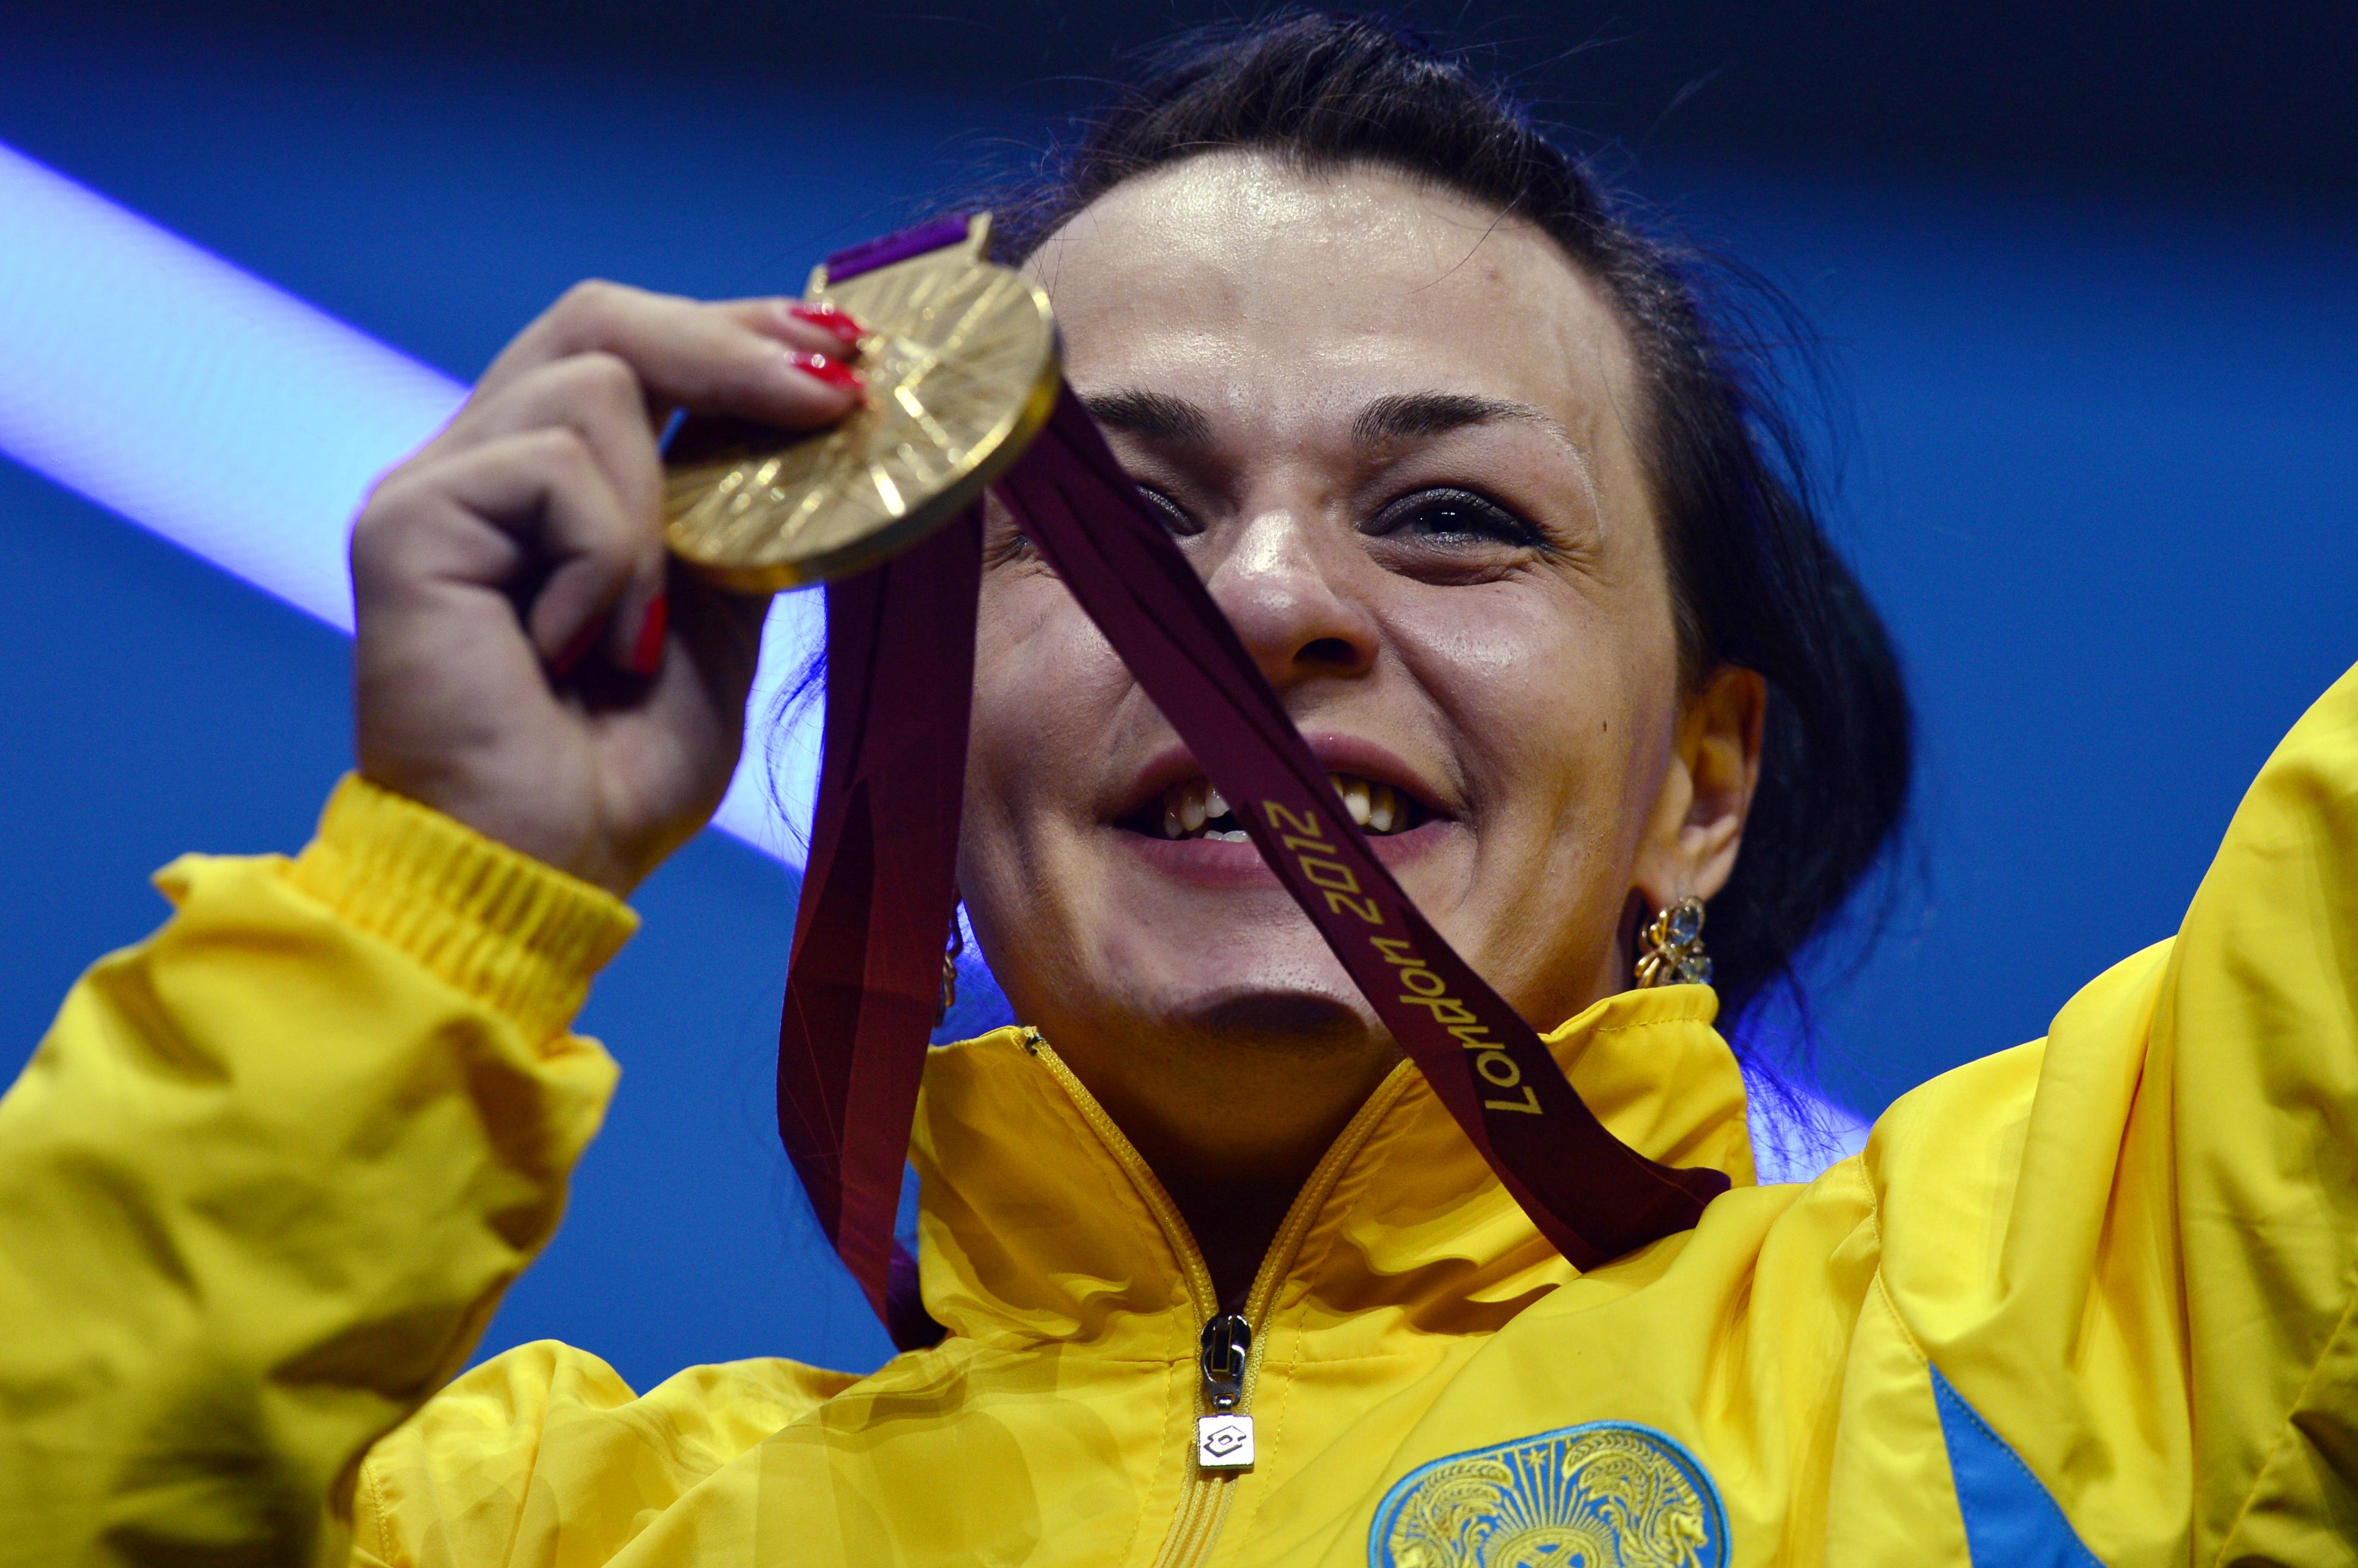 Nem adják vissza olimpiai aranyérmeiket a doppingoláson kapott kazah sportolók